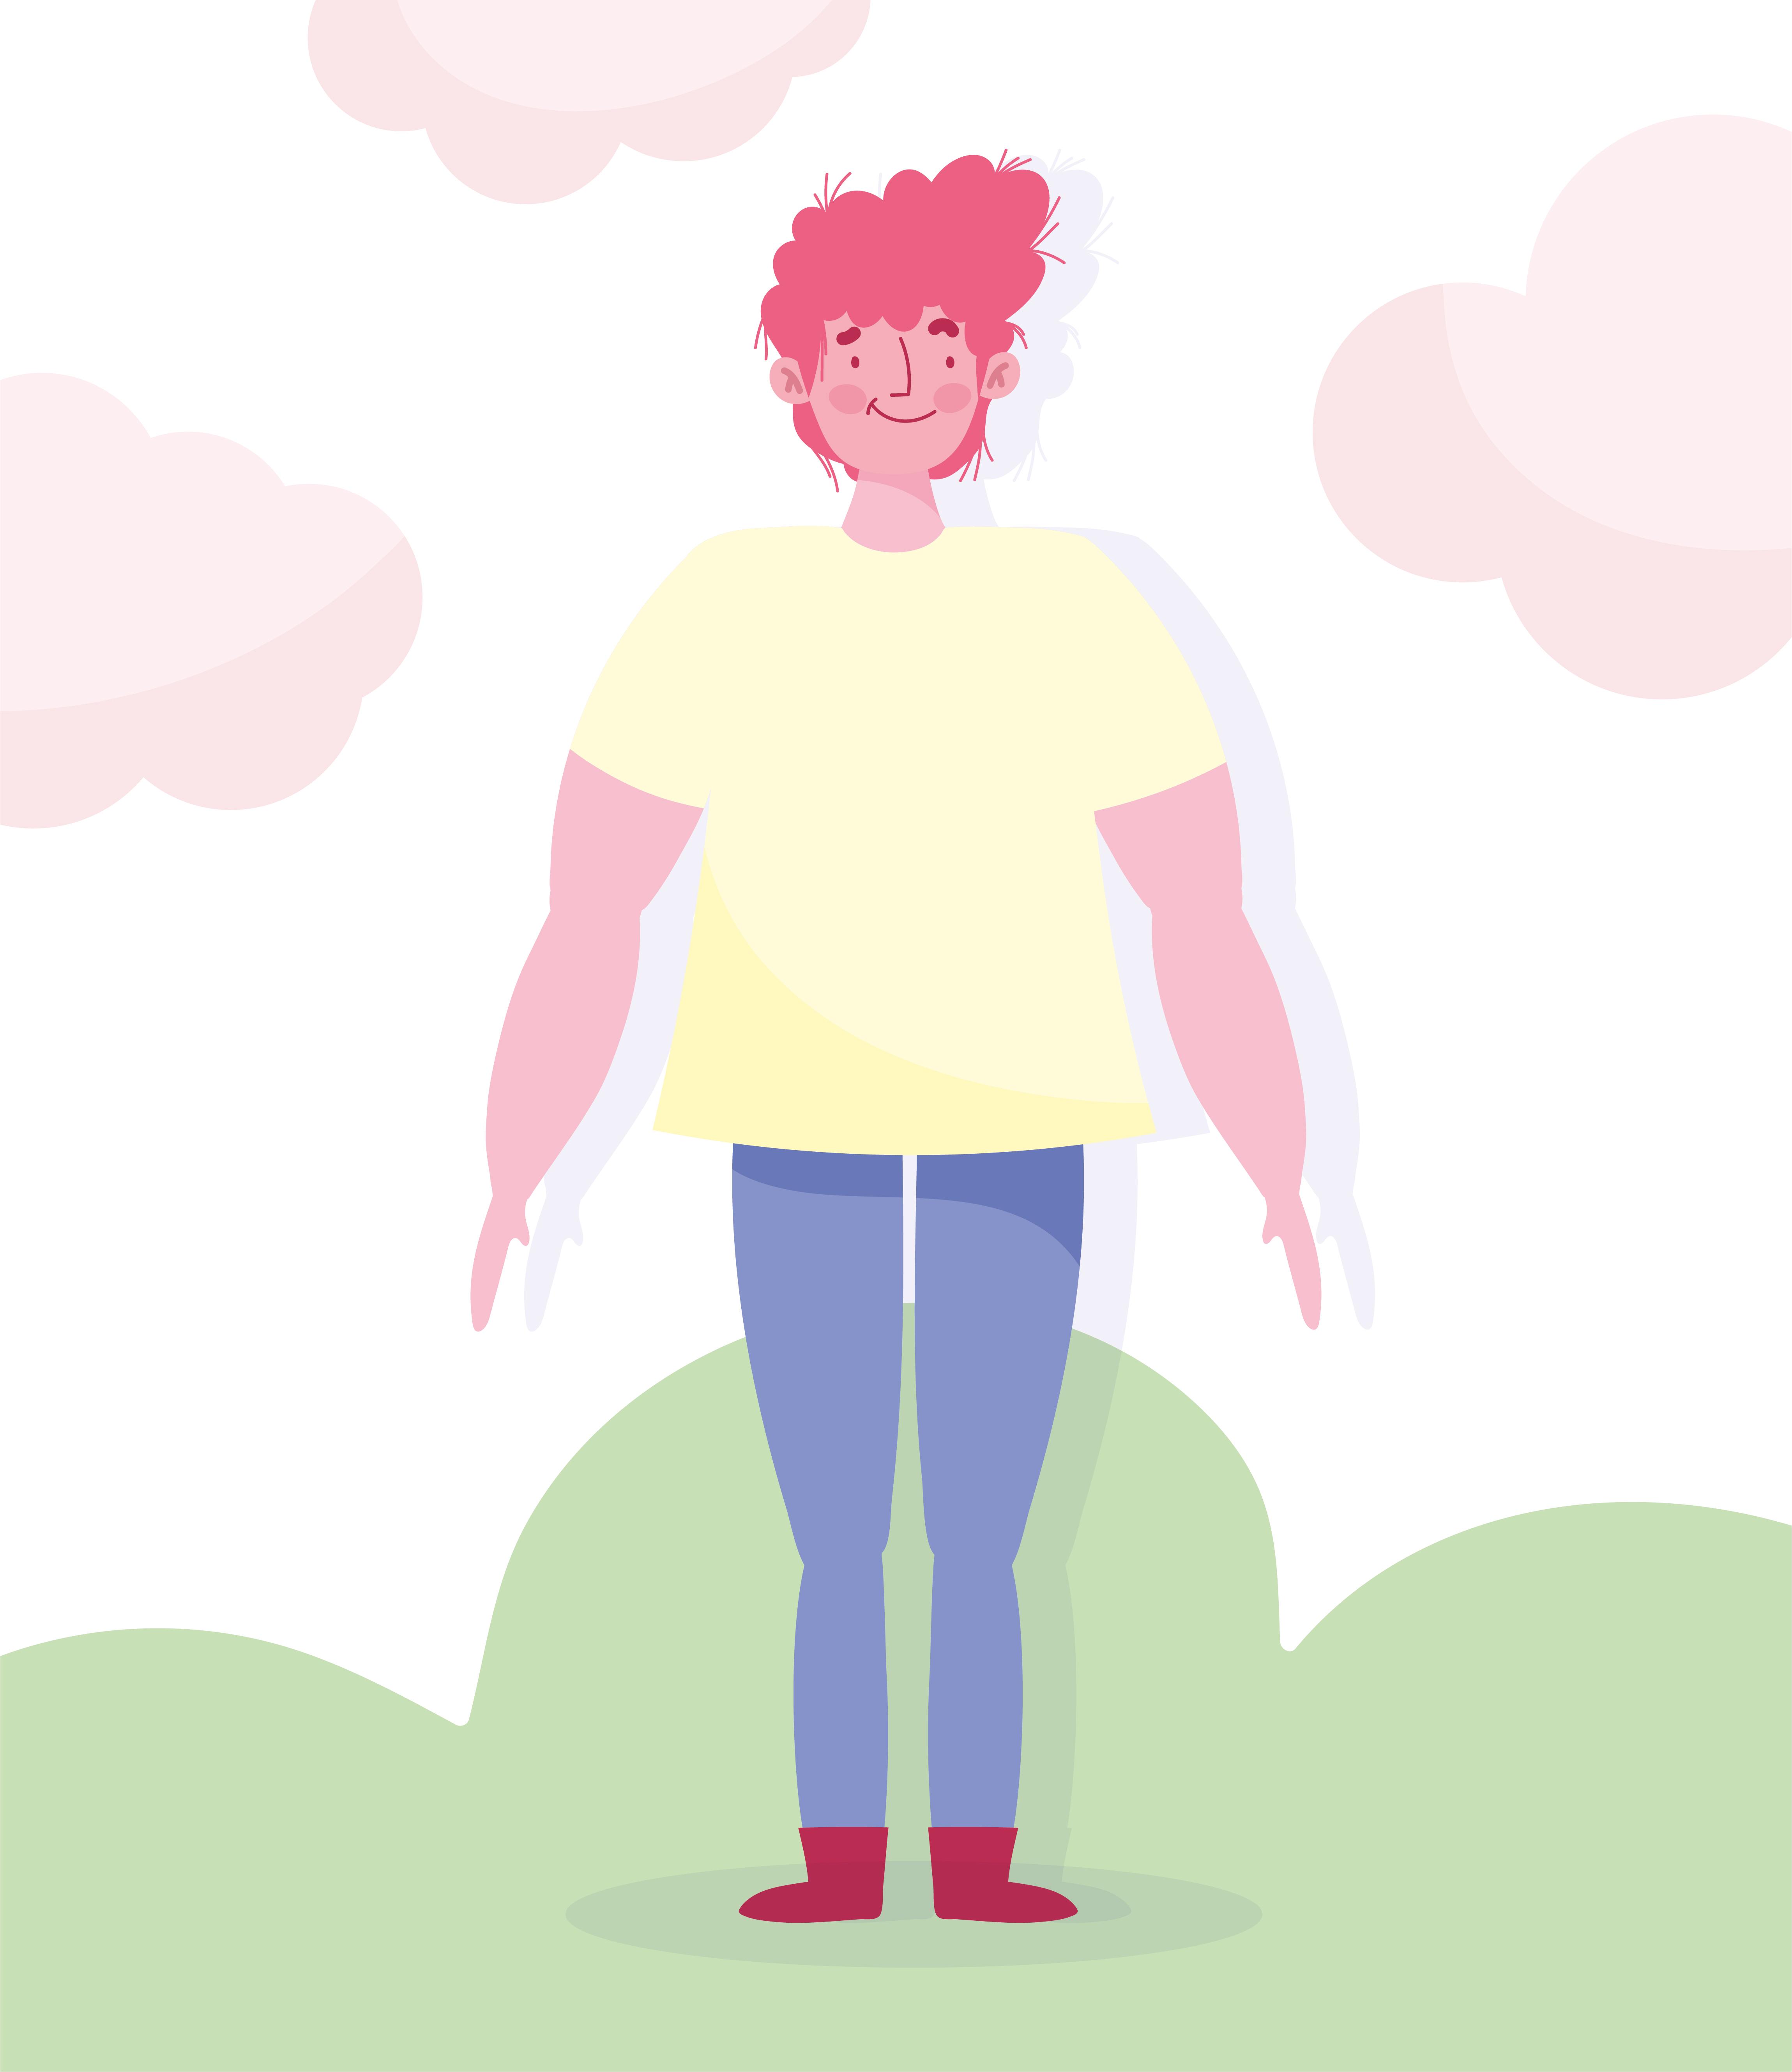 personaje masculino de pie al aire libre